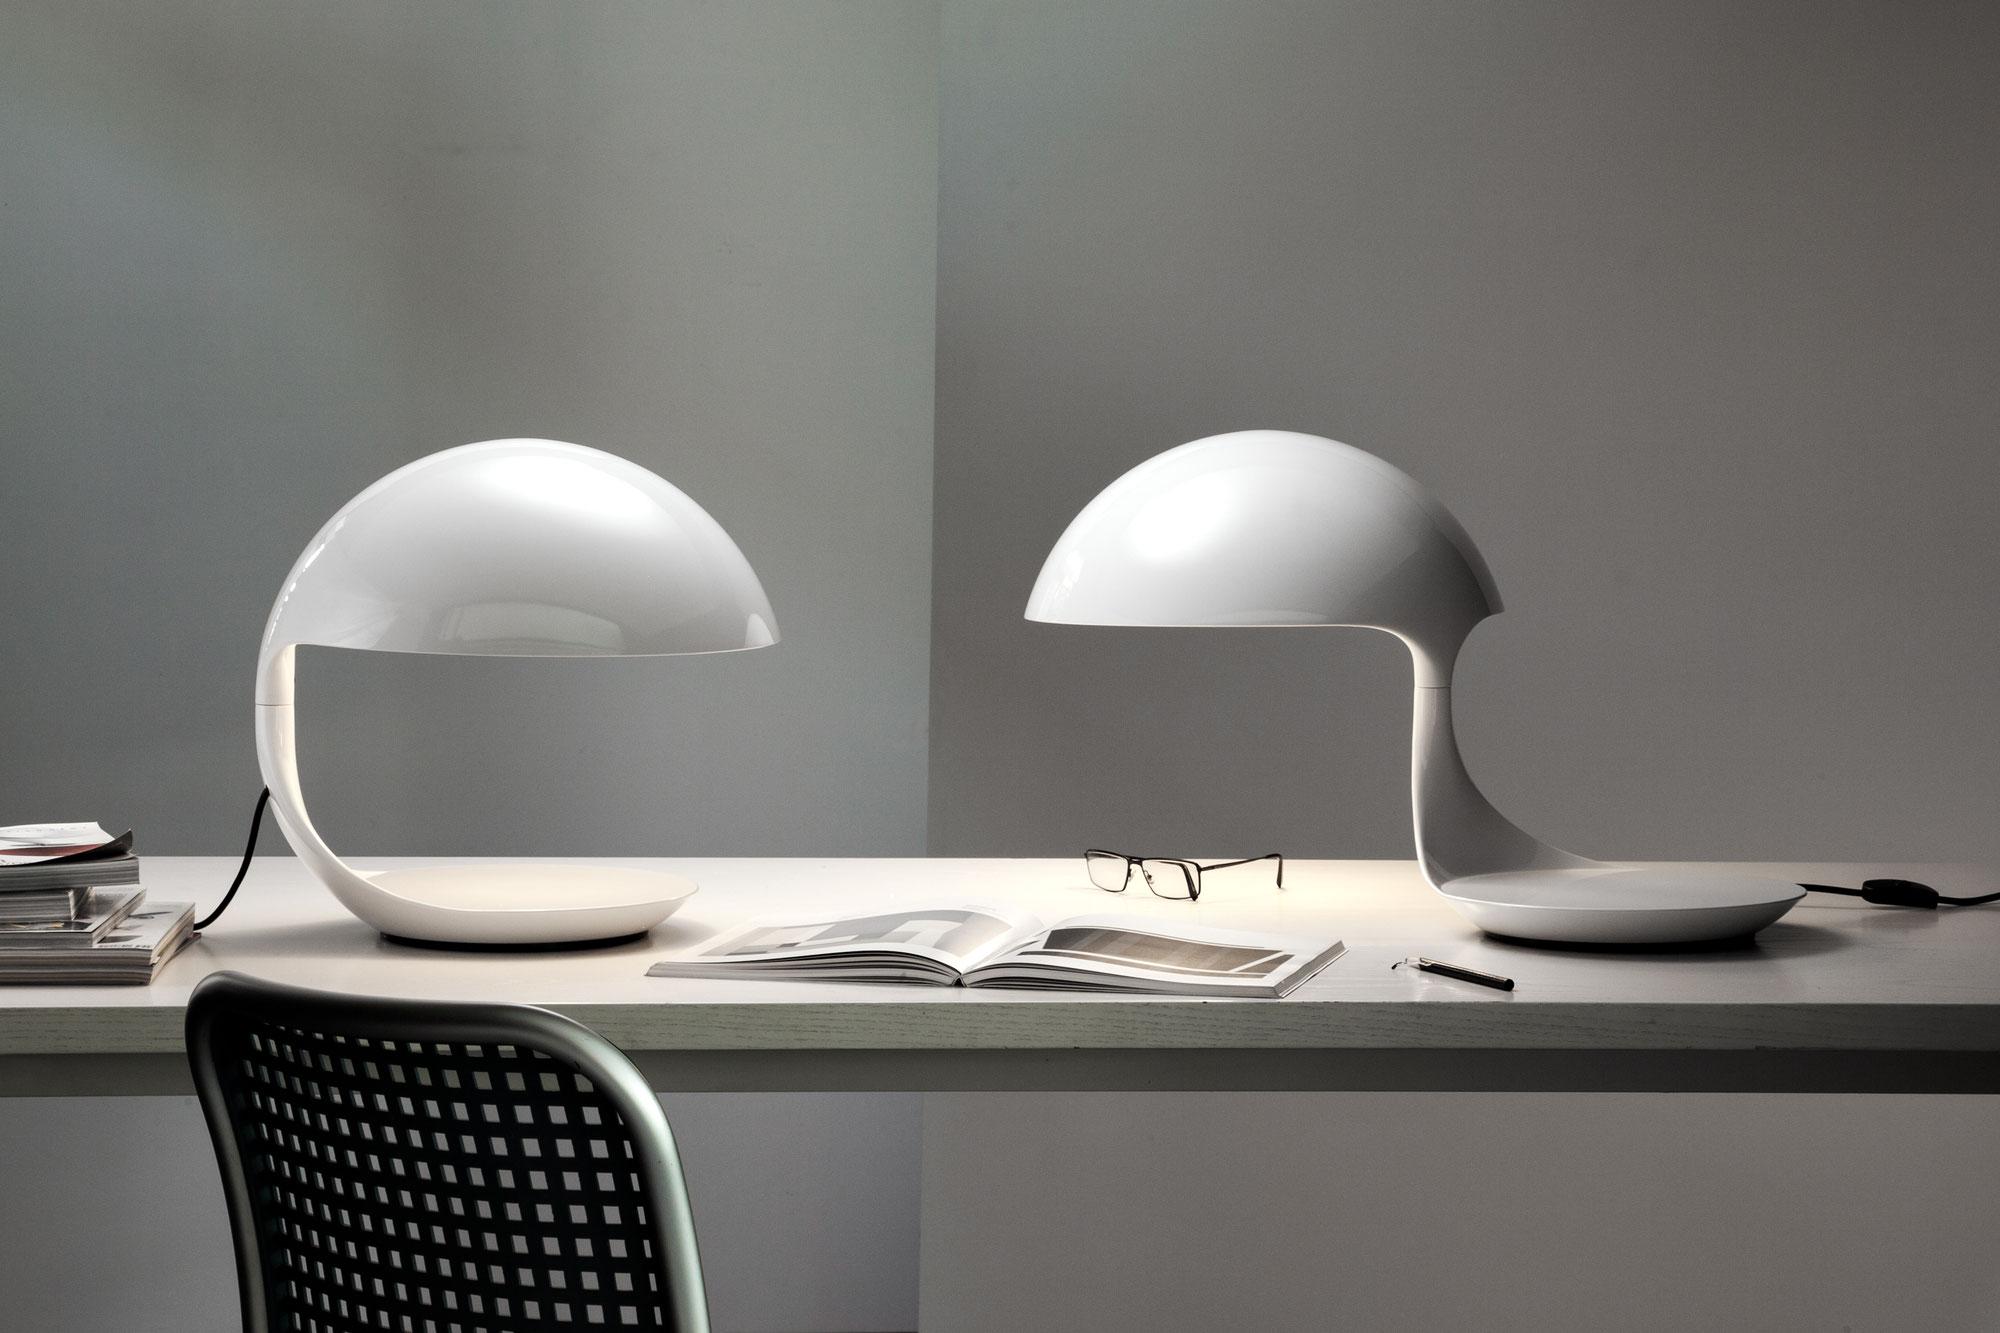 Licht am Arbeitsplatz – wichtiger als du denkst!